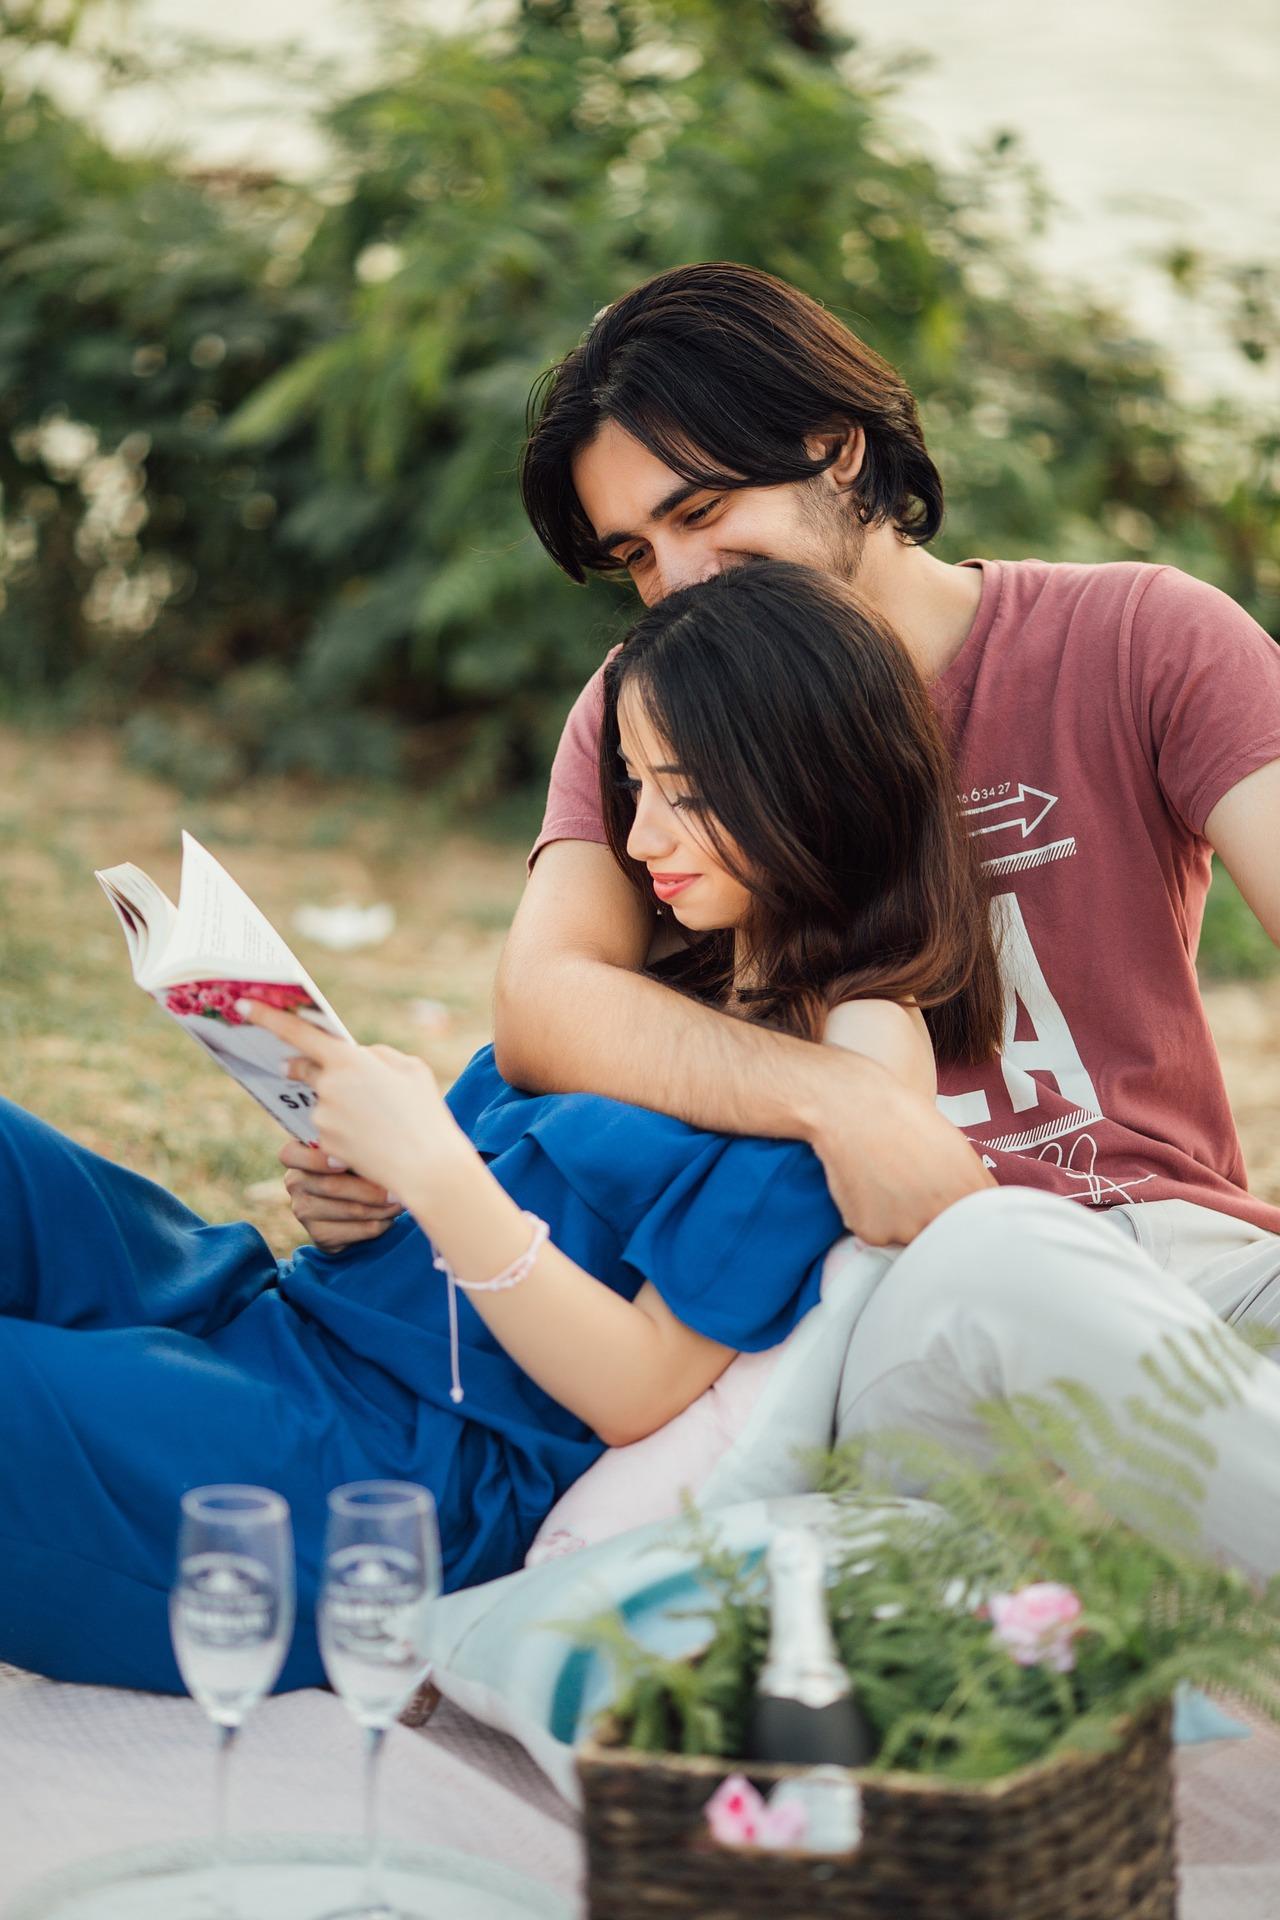 darmowe randki azjatyckie w Melbourne craigslist londyn na podłączenie